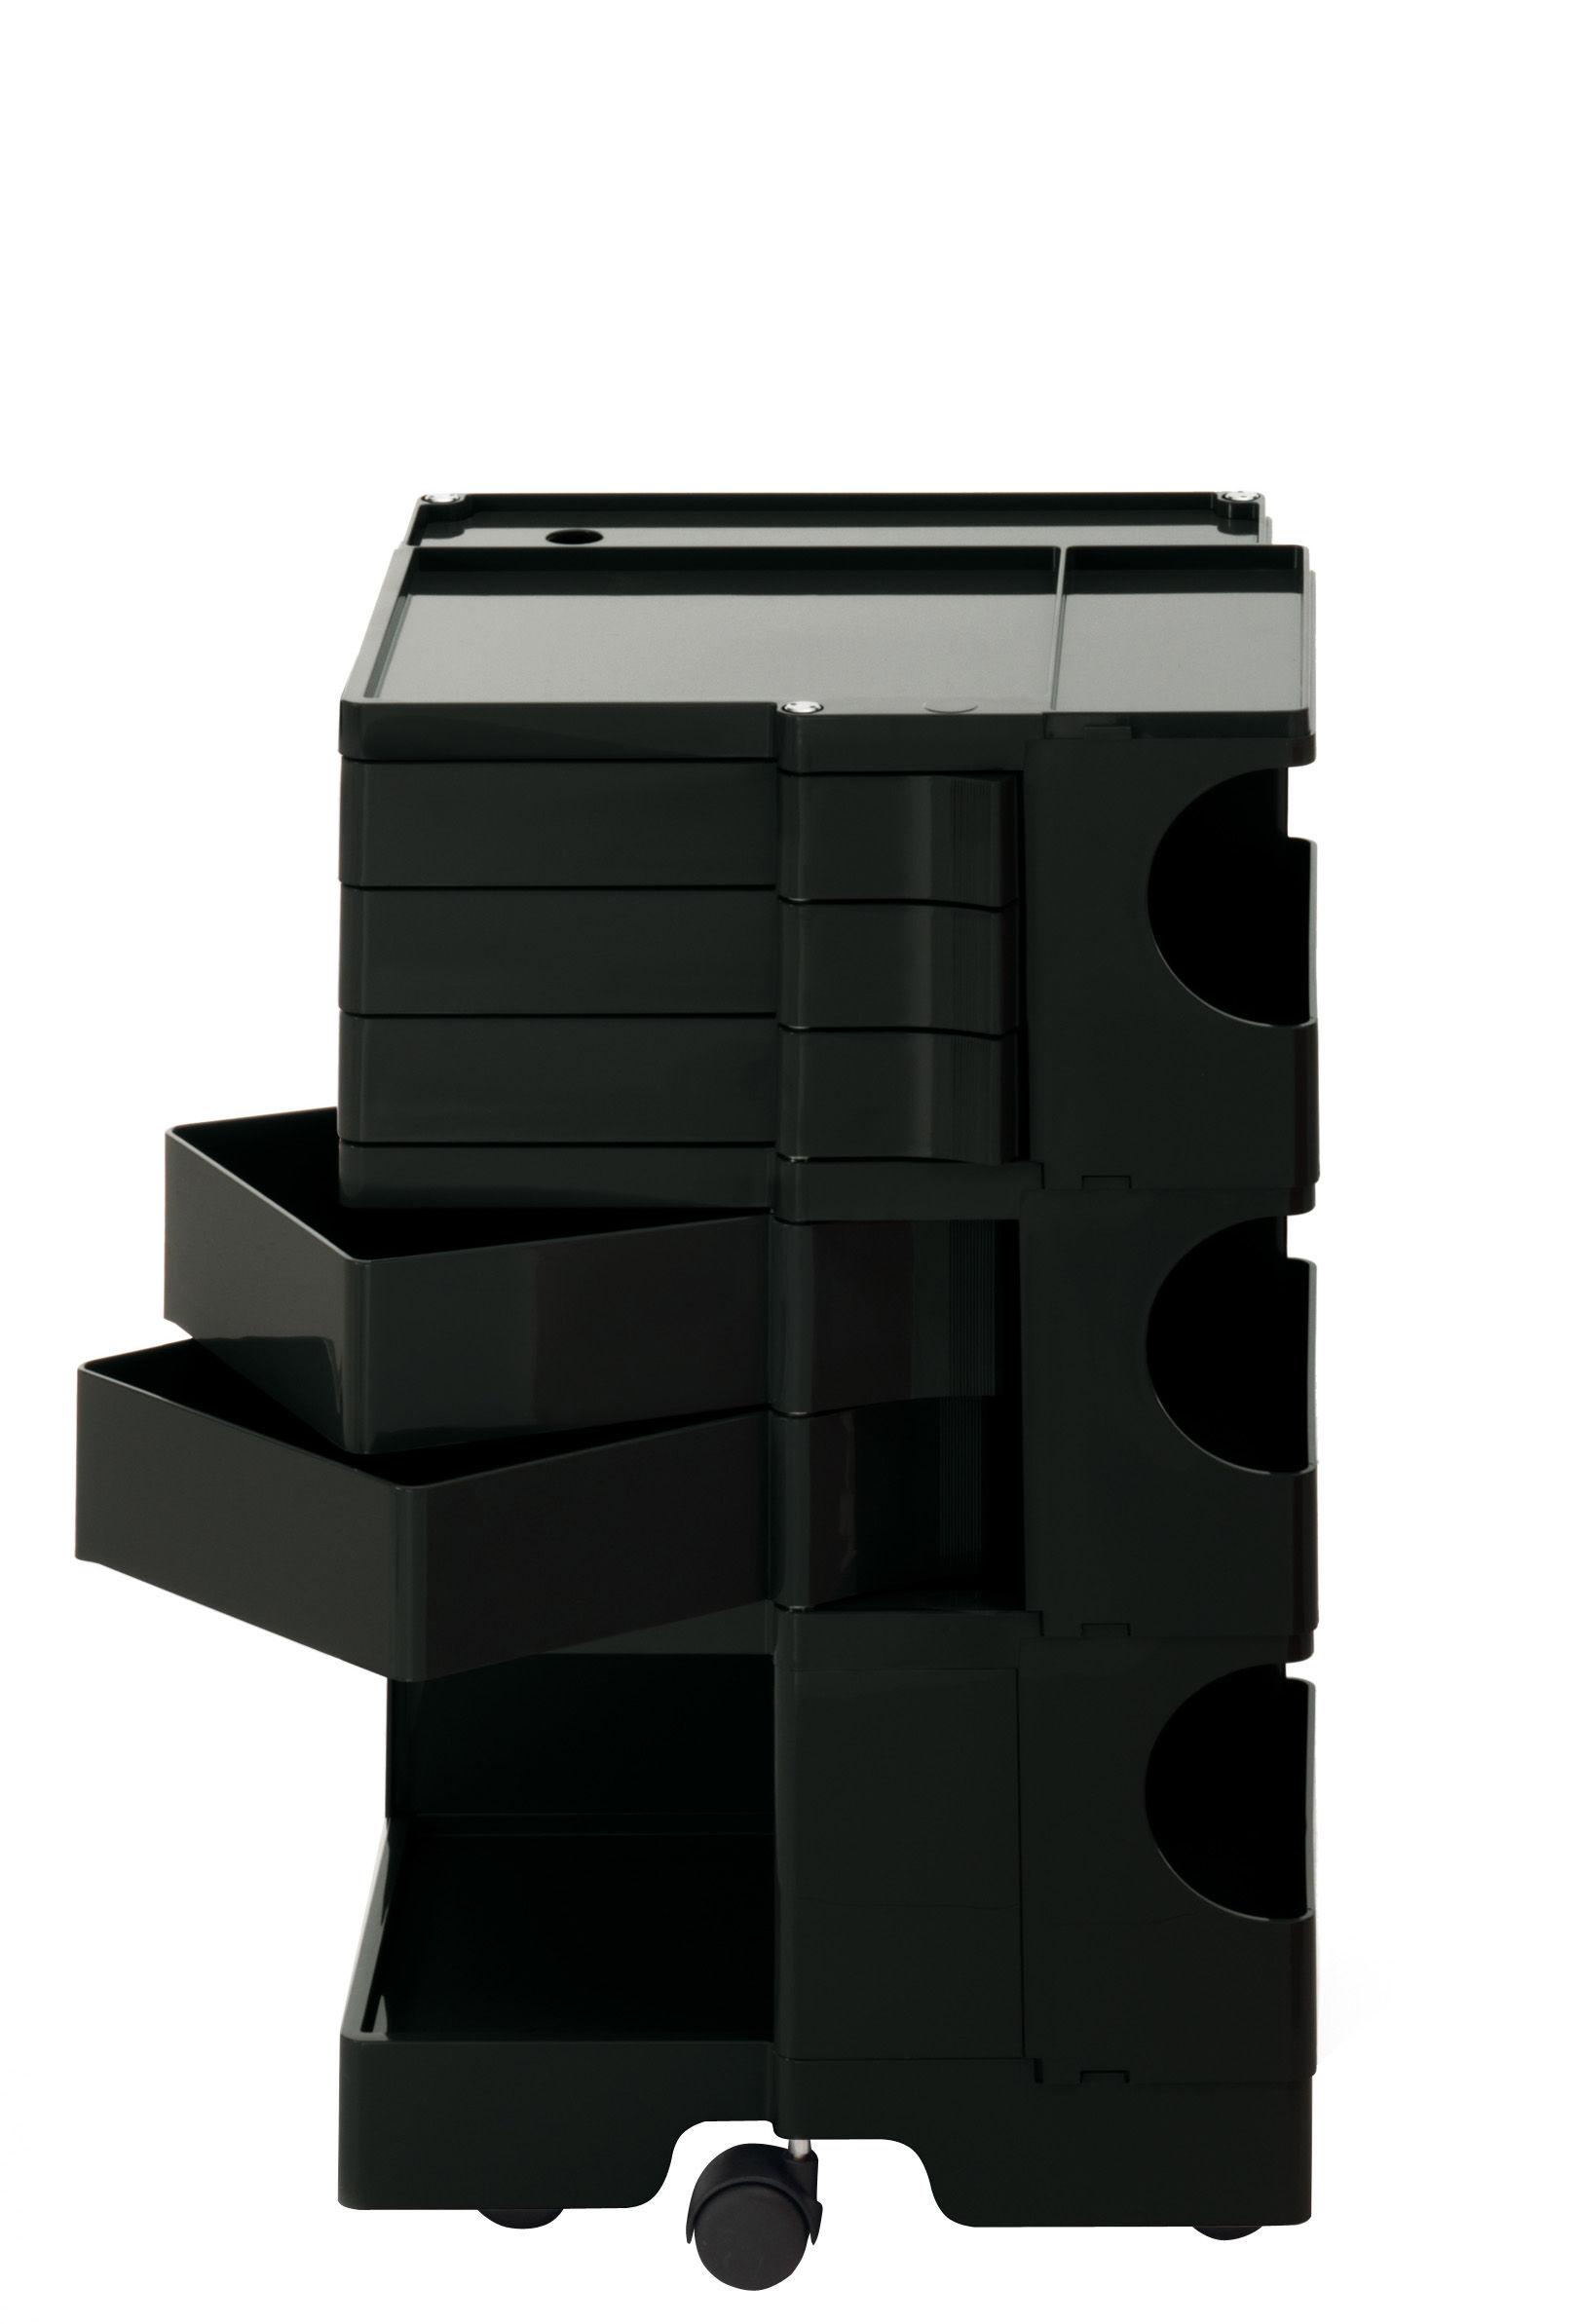 Arredamento - Complementi d'arredo - Carrello/tavolo d'appoggio Boby - h 73 di B-LINE - Nero - ABS